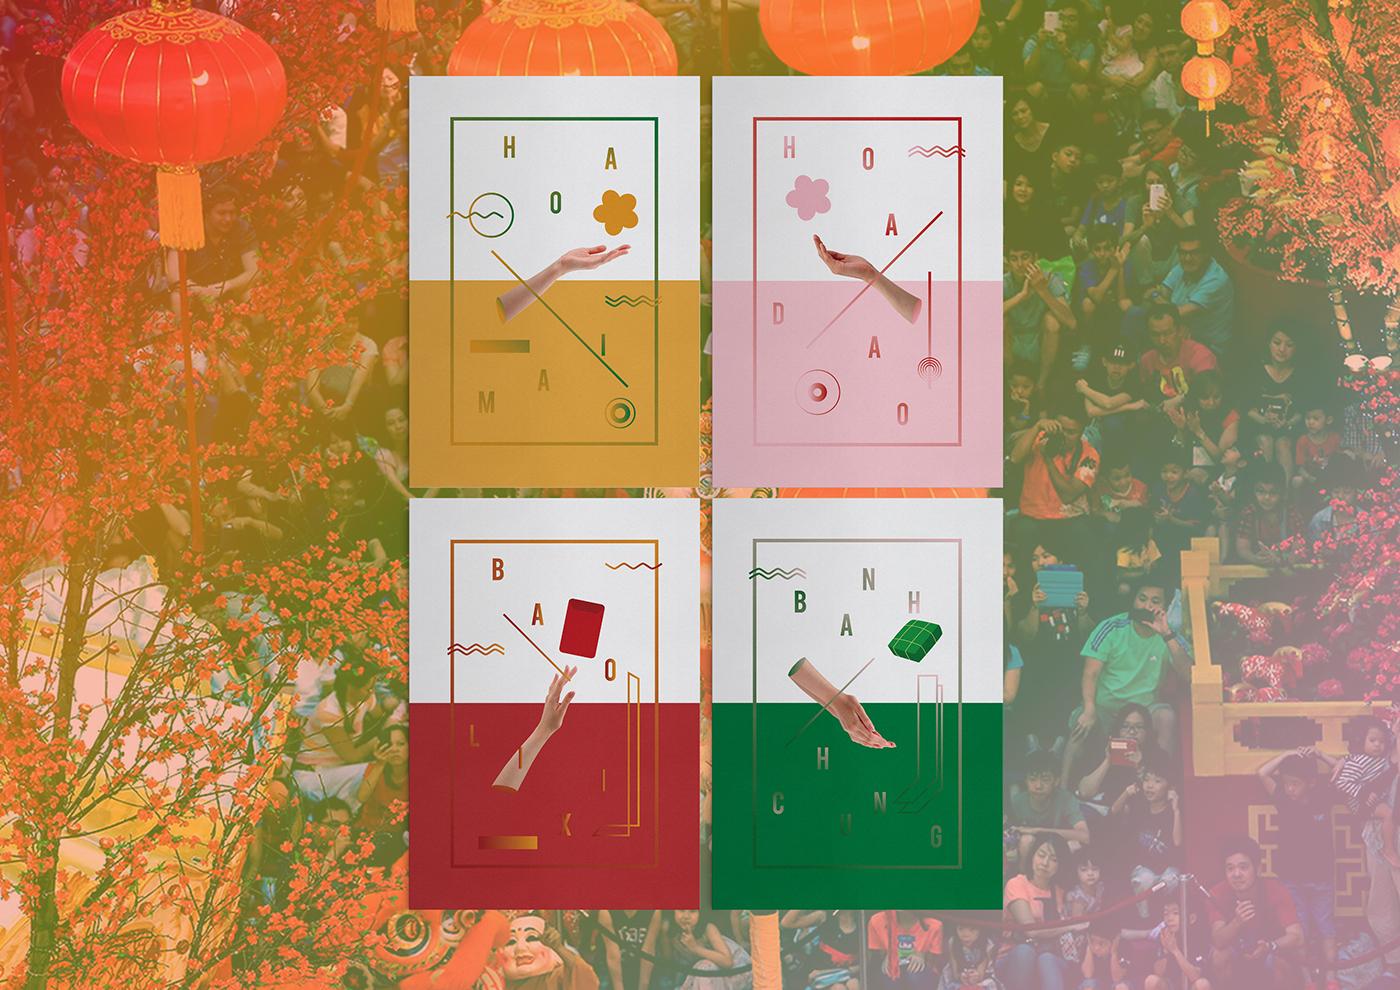 tet poster hoa mai hoa dao bánh chưng decorations vietnam tri Bao lì xi